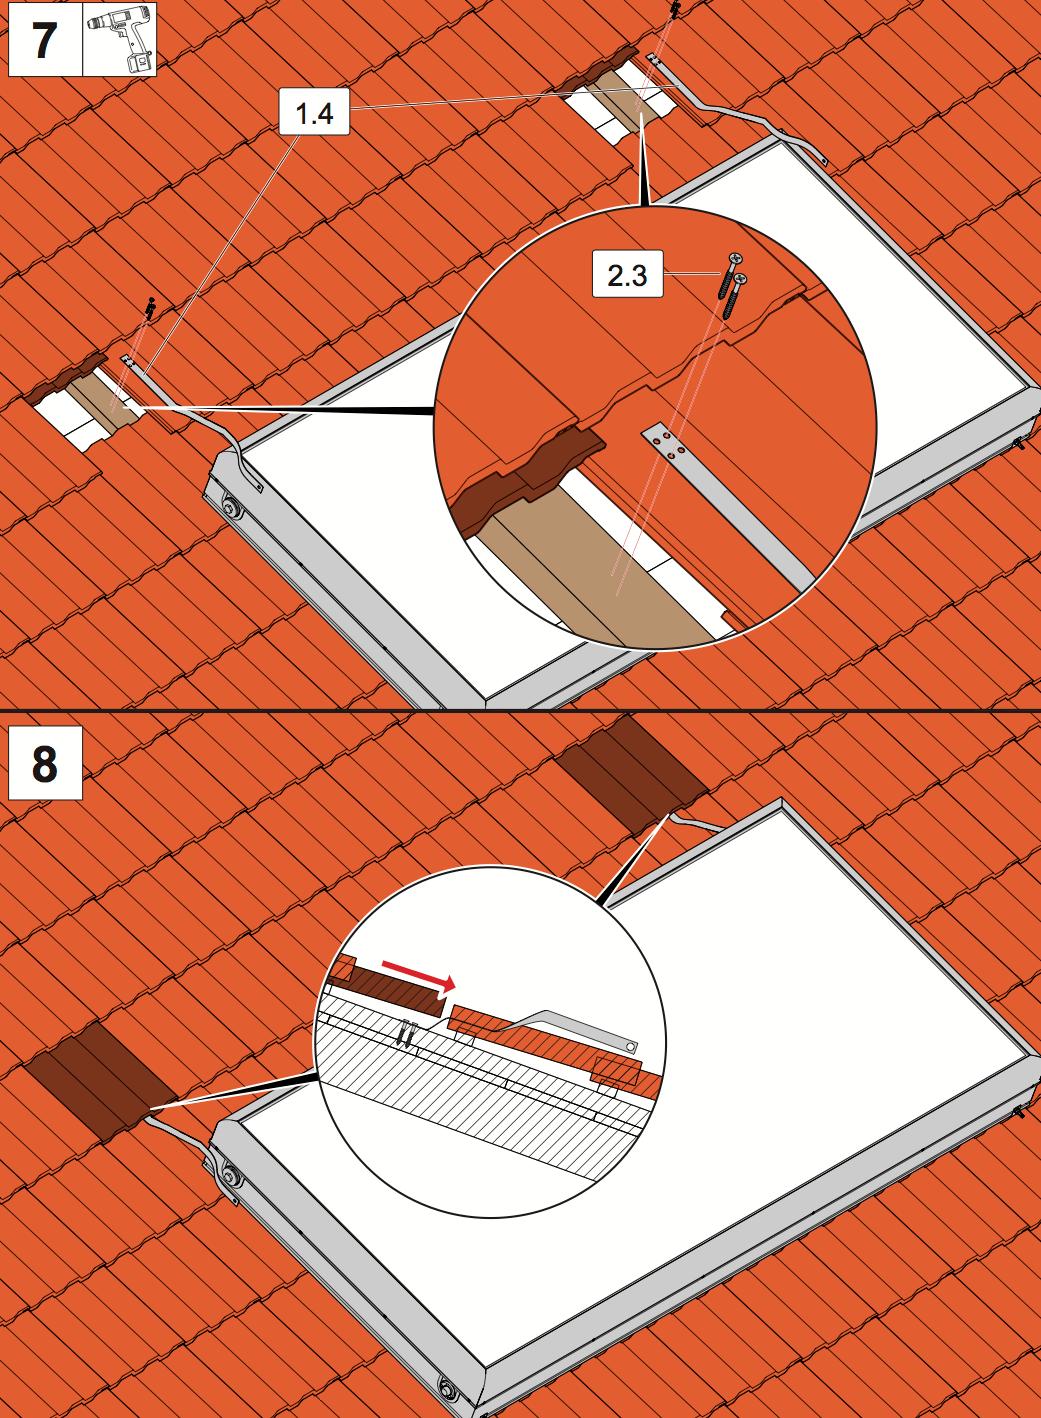 estructura soporte tejado solcrafte